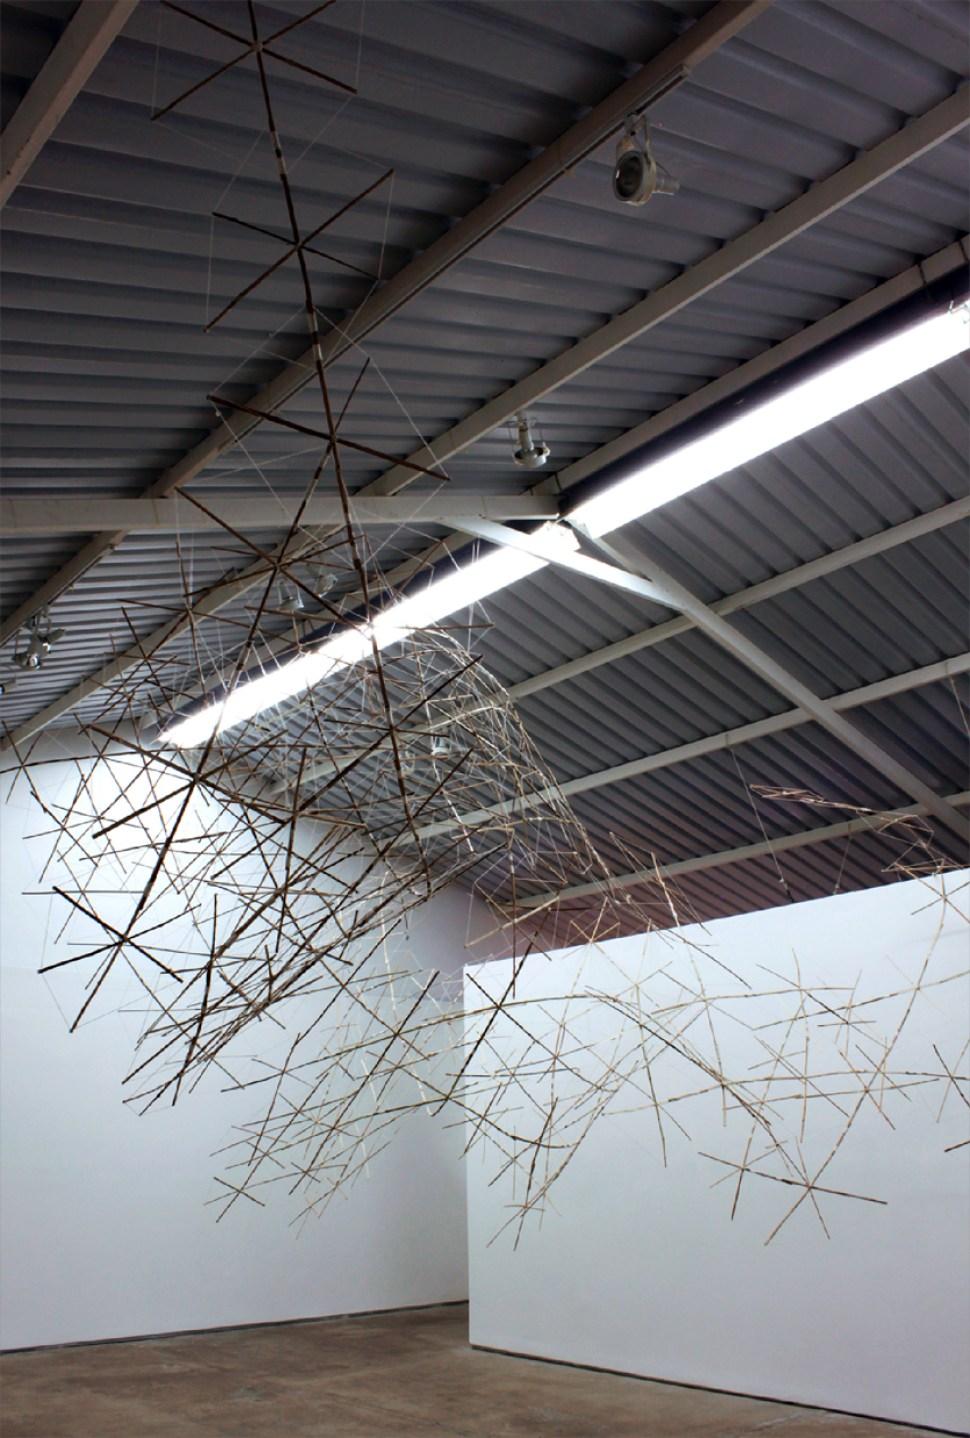 Pepe López. Puño e cruces, 2009 Estructuras de cometas en bamboo entrelazadas. Galería Fernando Zubillaga, Caracas Fotografía: Rodrigo Benavides